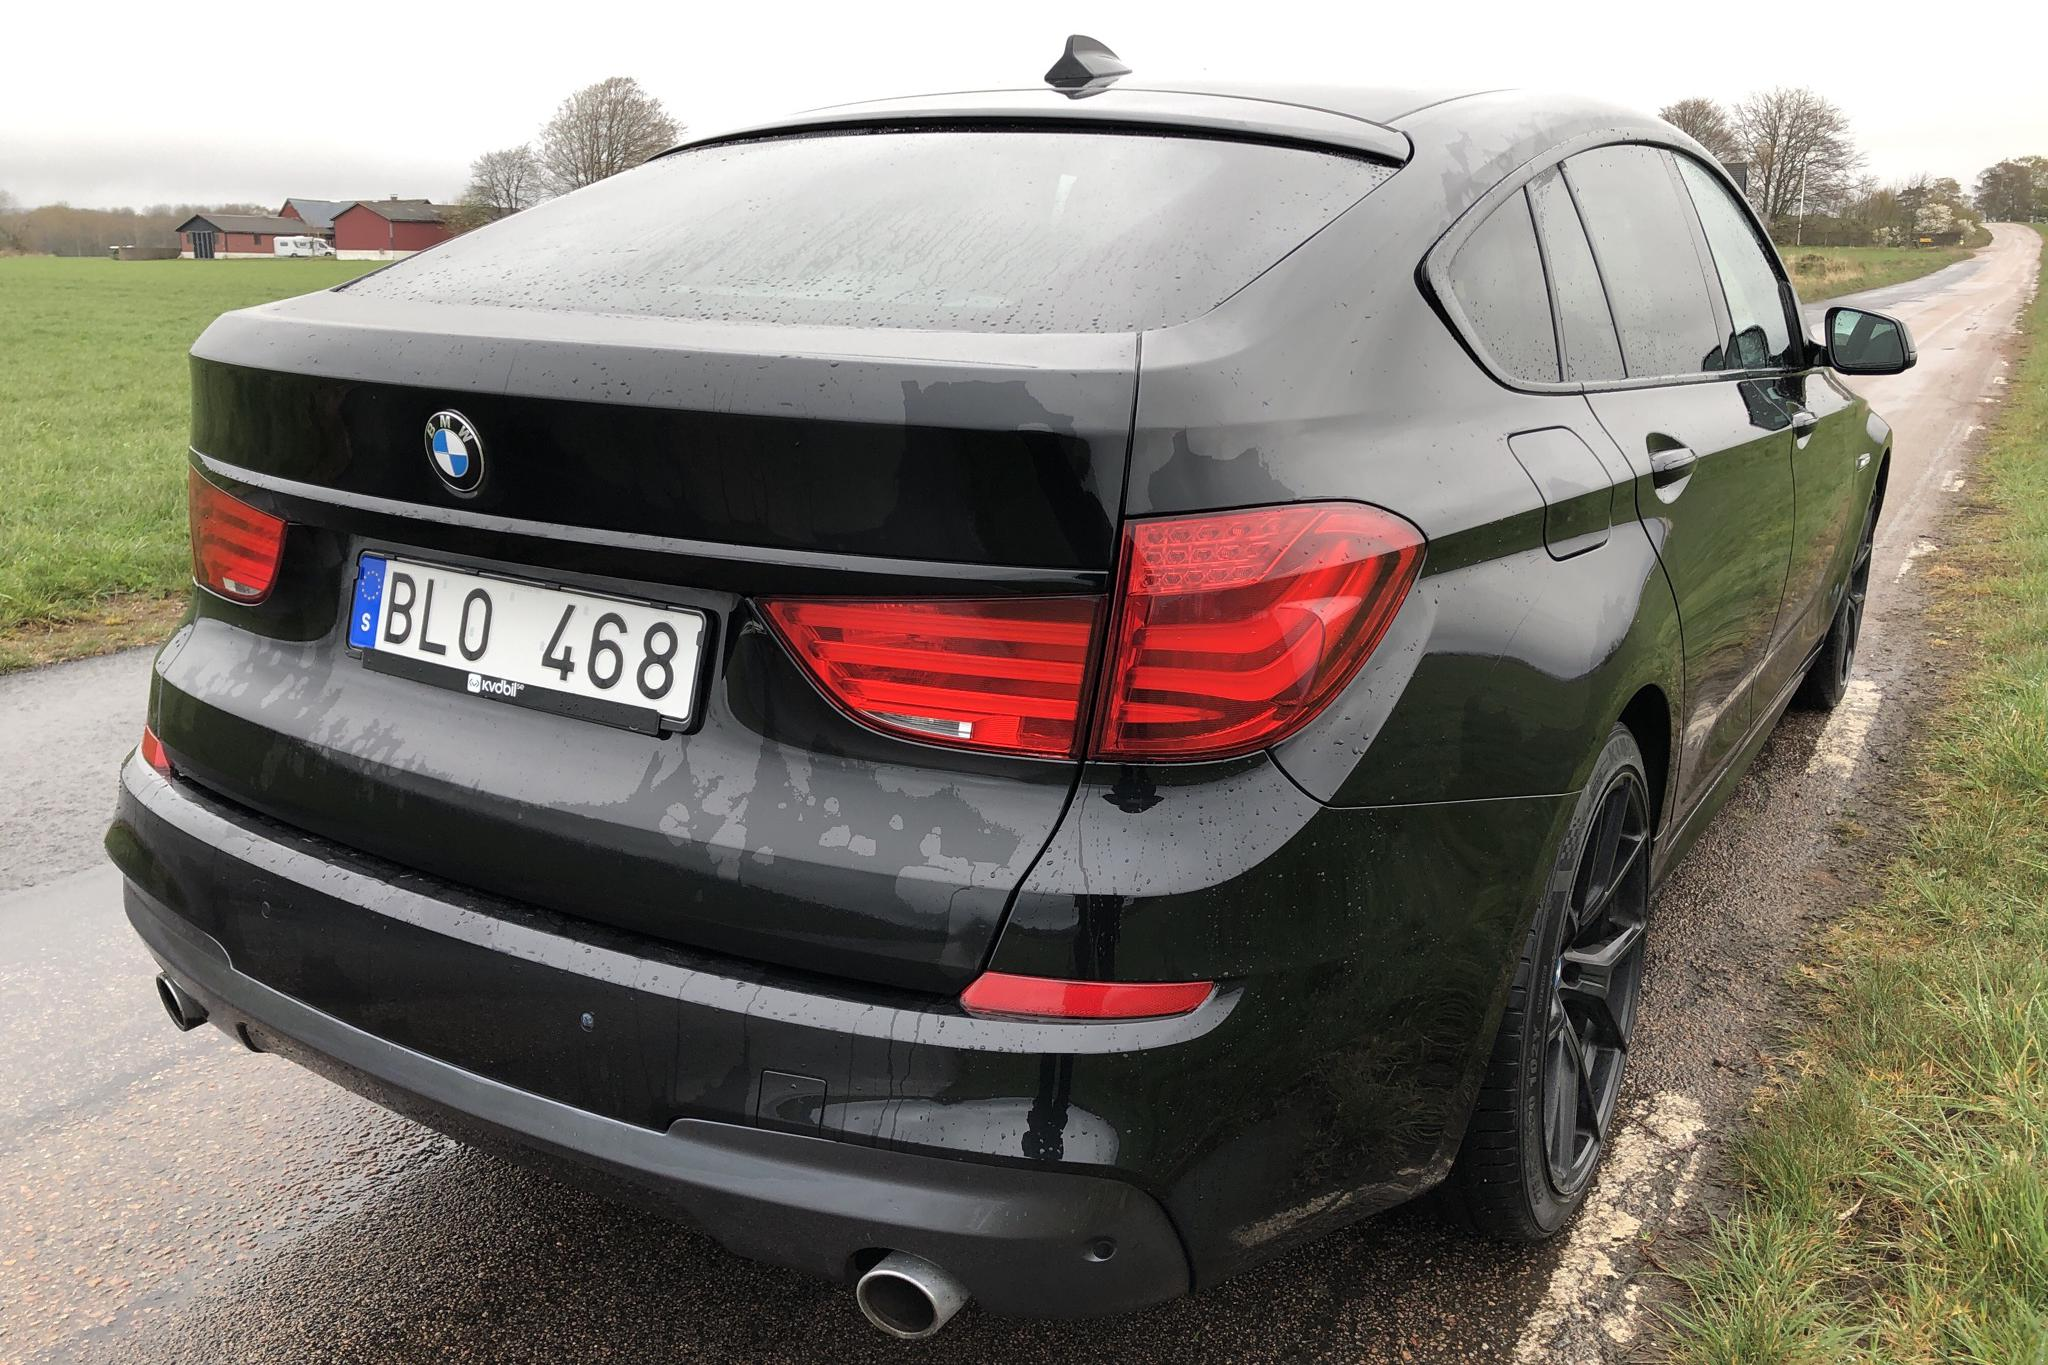 BMW 535d GT xDrive, F07 (299hk) - 143 540 km - Automatic - black - 2012